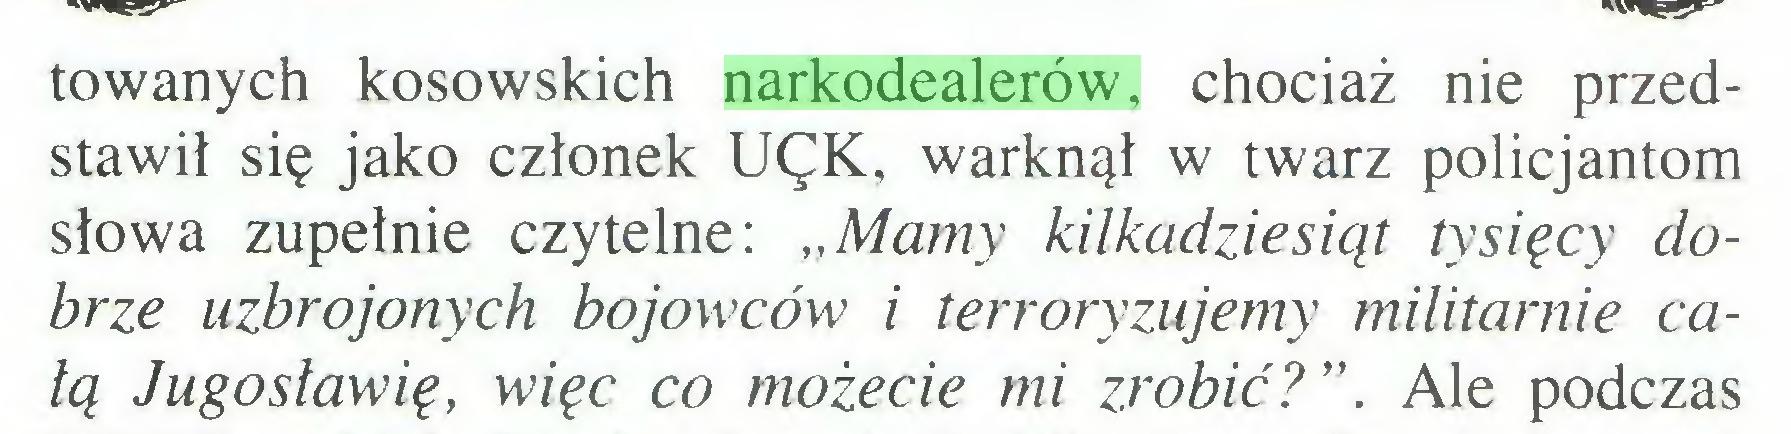 """(...) towanych kosowskich narkodealerów, chociaż nie przedstawił się jako członek UęK, warknął w twarz policjantom słowa zupełnie czytelne: """"Mamy kilkadziesiąt tysięcy dobrze uzbrojonych bojowców i terroryzujemy militarnie całą Jugosławię, więc co możecie mi zrobić?"""". Ale podczas..."""